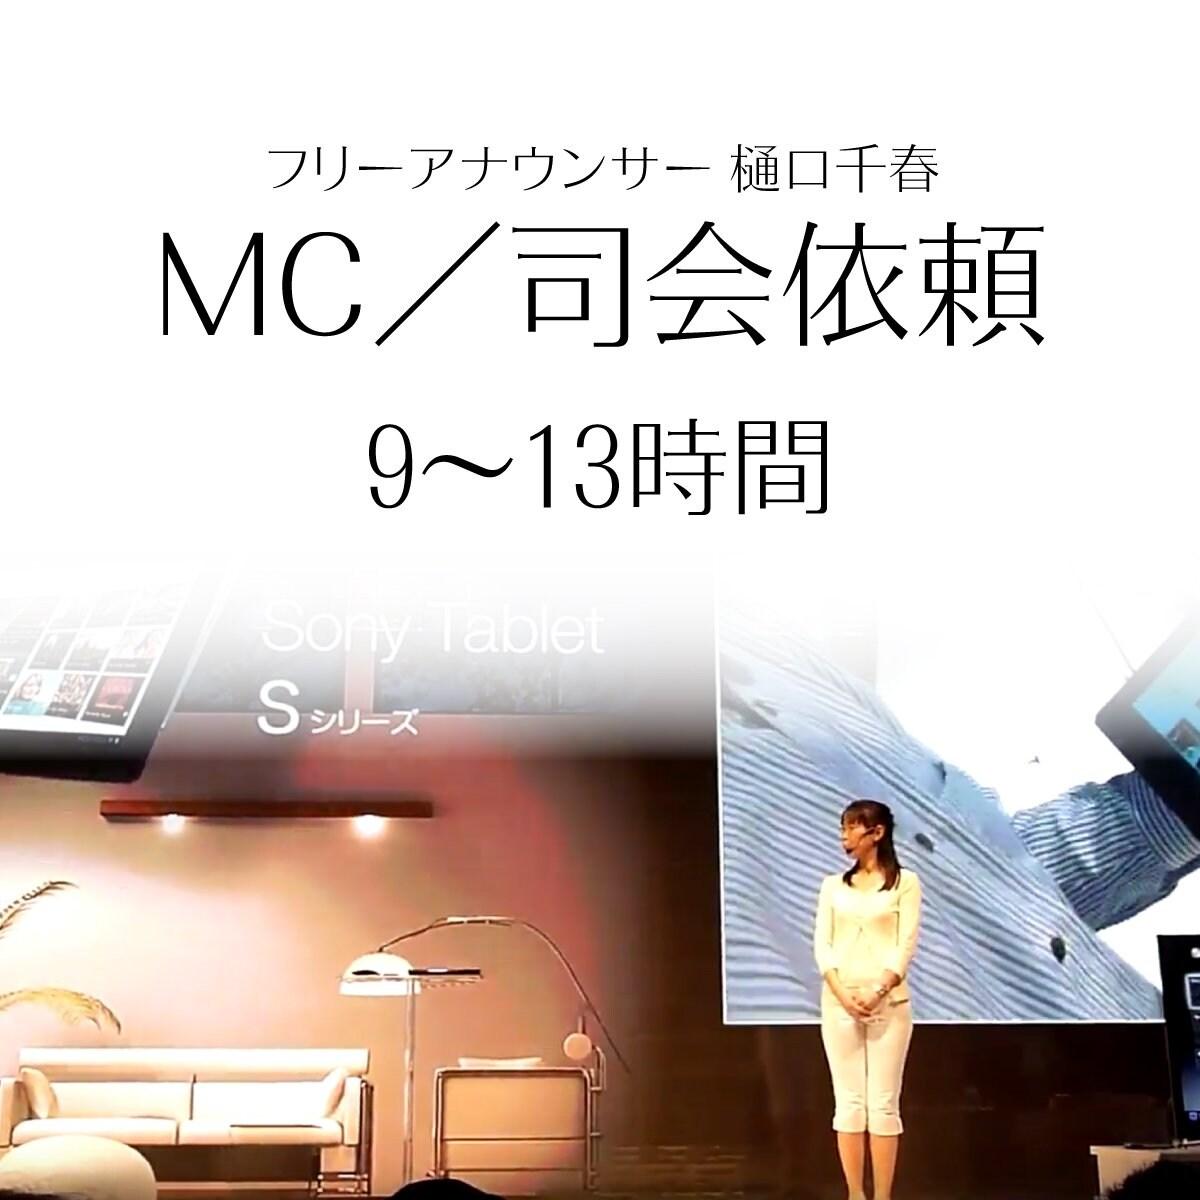 MC/司会依頼【9~13時間】のイメージその1